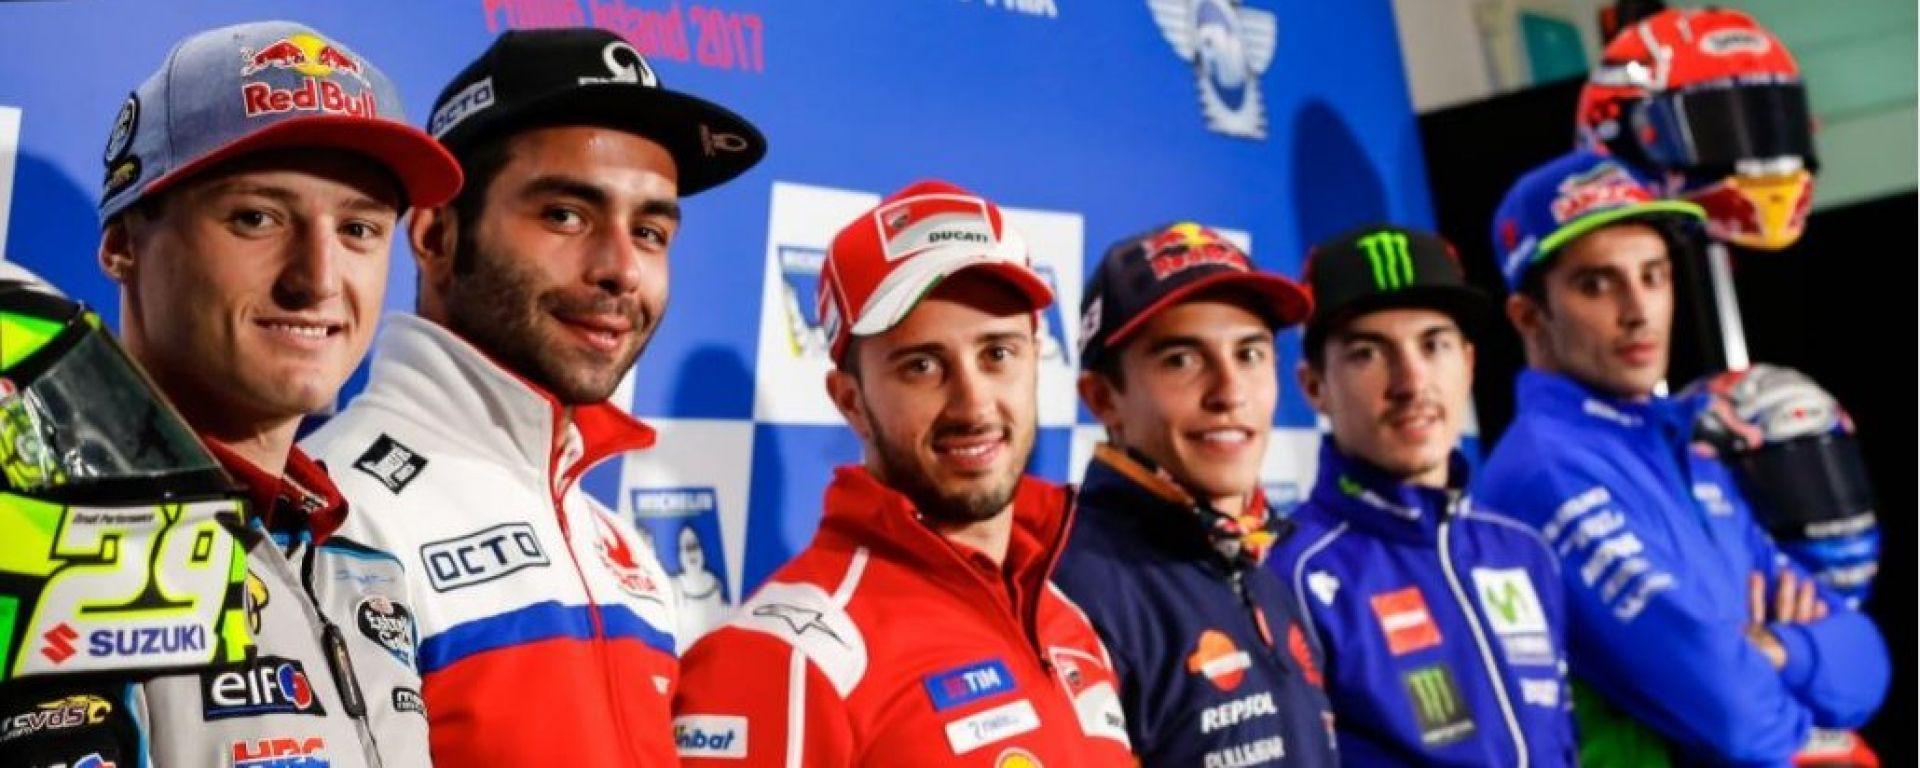 MotoGP Australia 2017: la conferenza stampa del giovedì